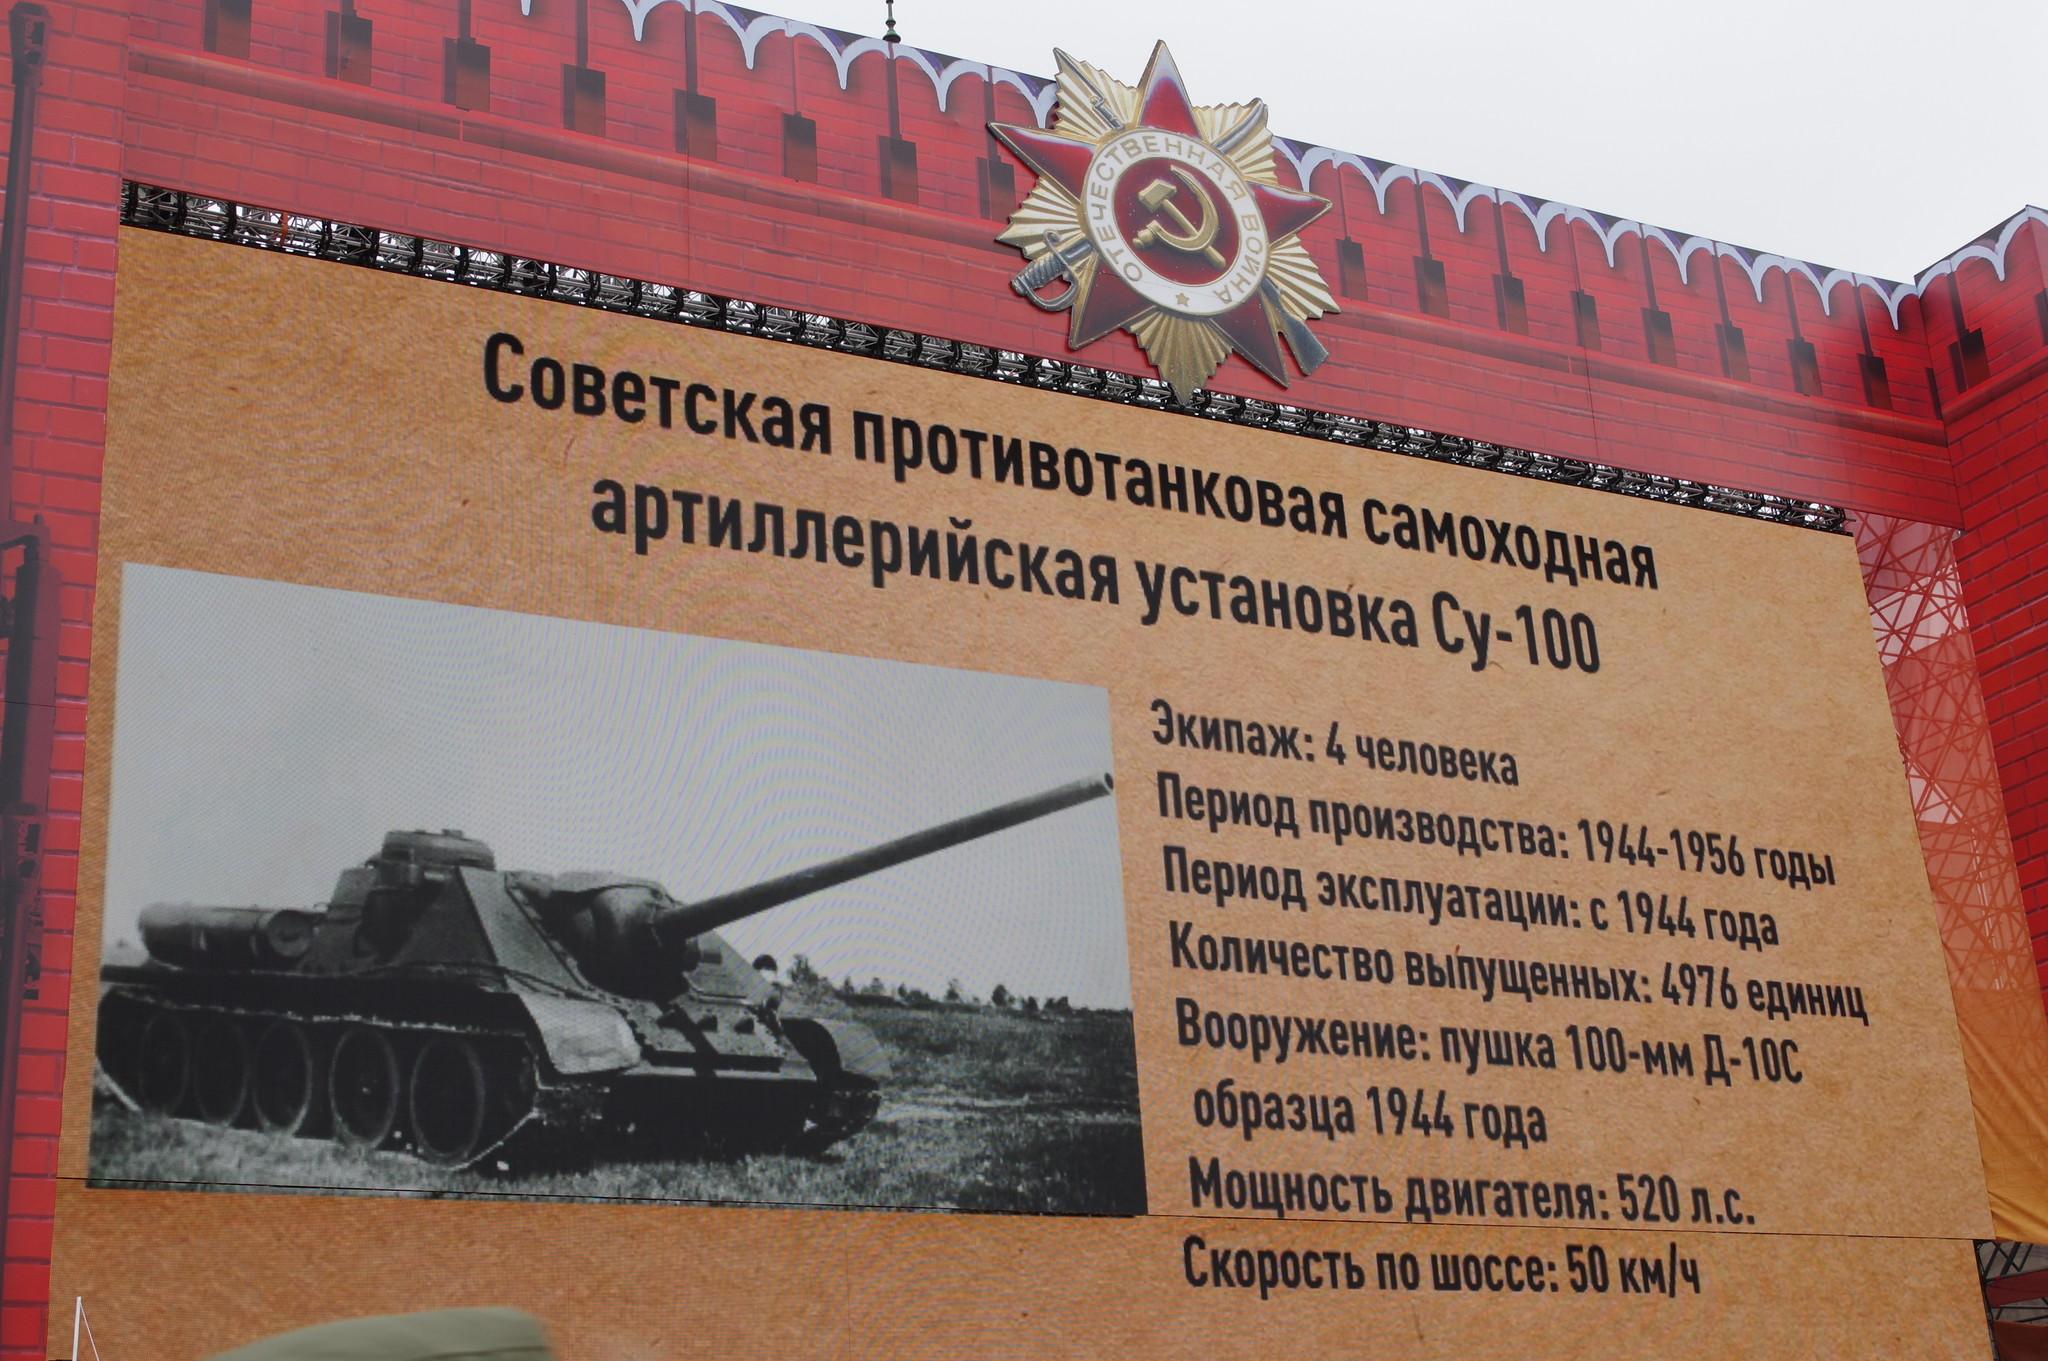 Противотанковая самоходная артиллерийская установка СУ-100